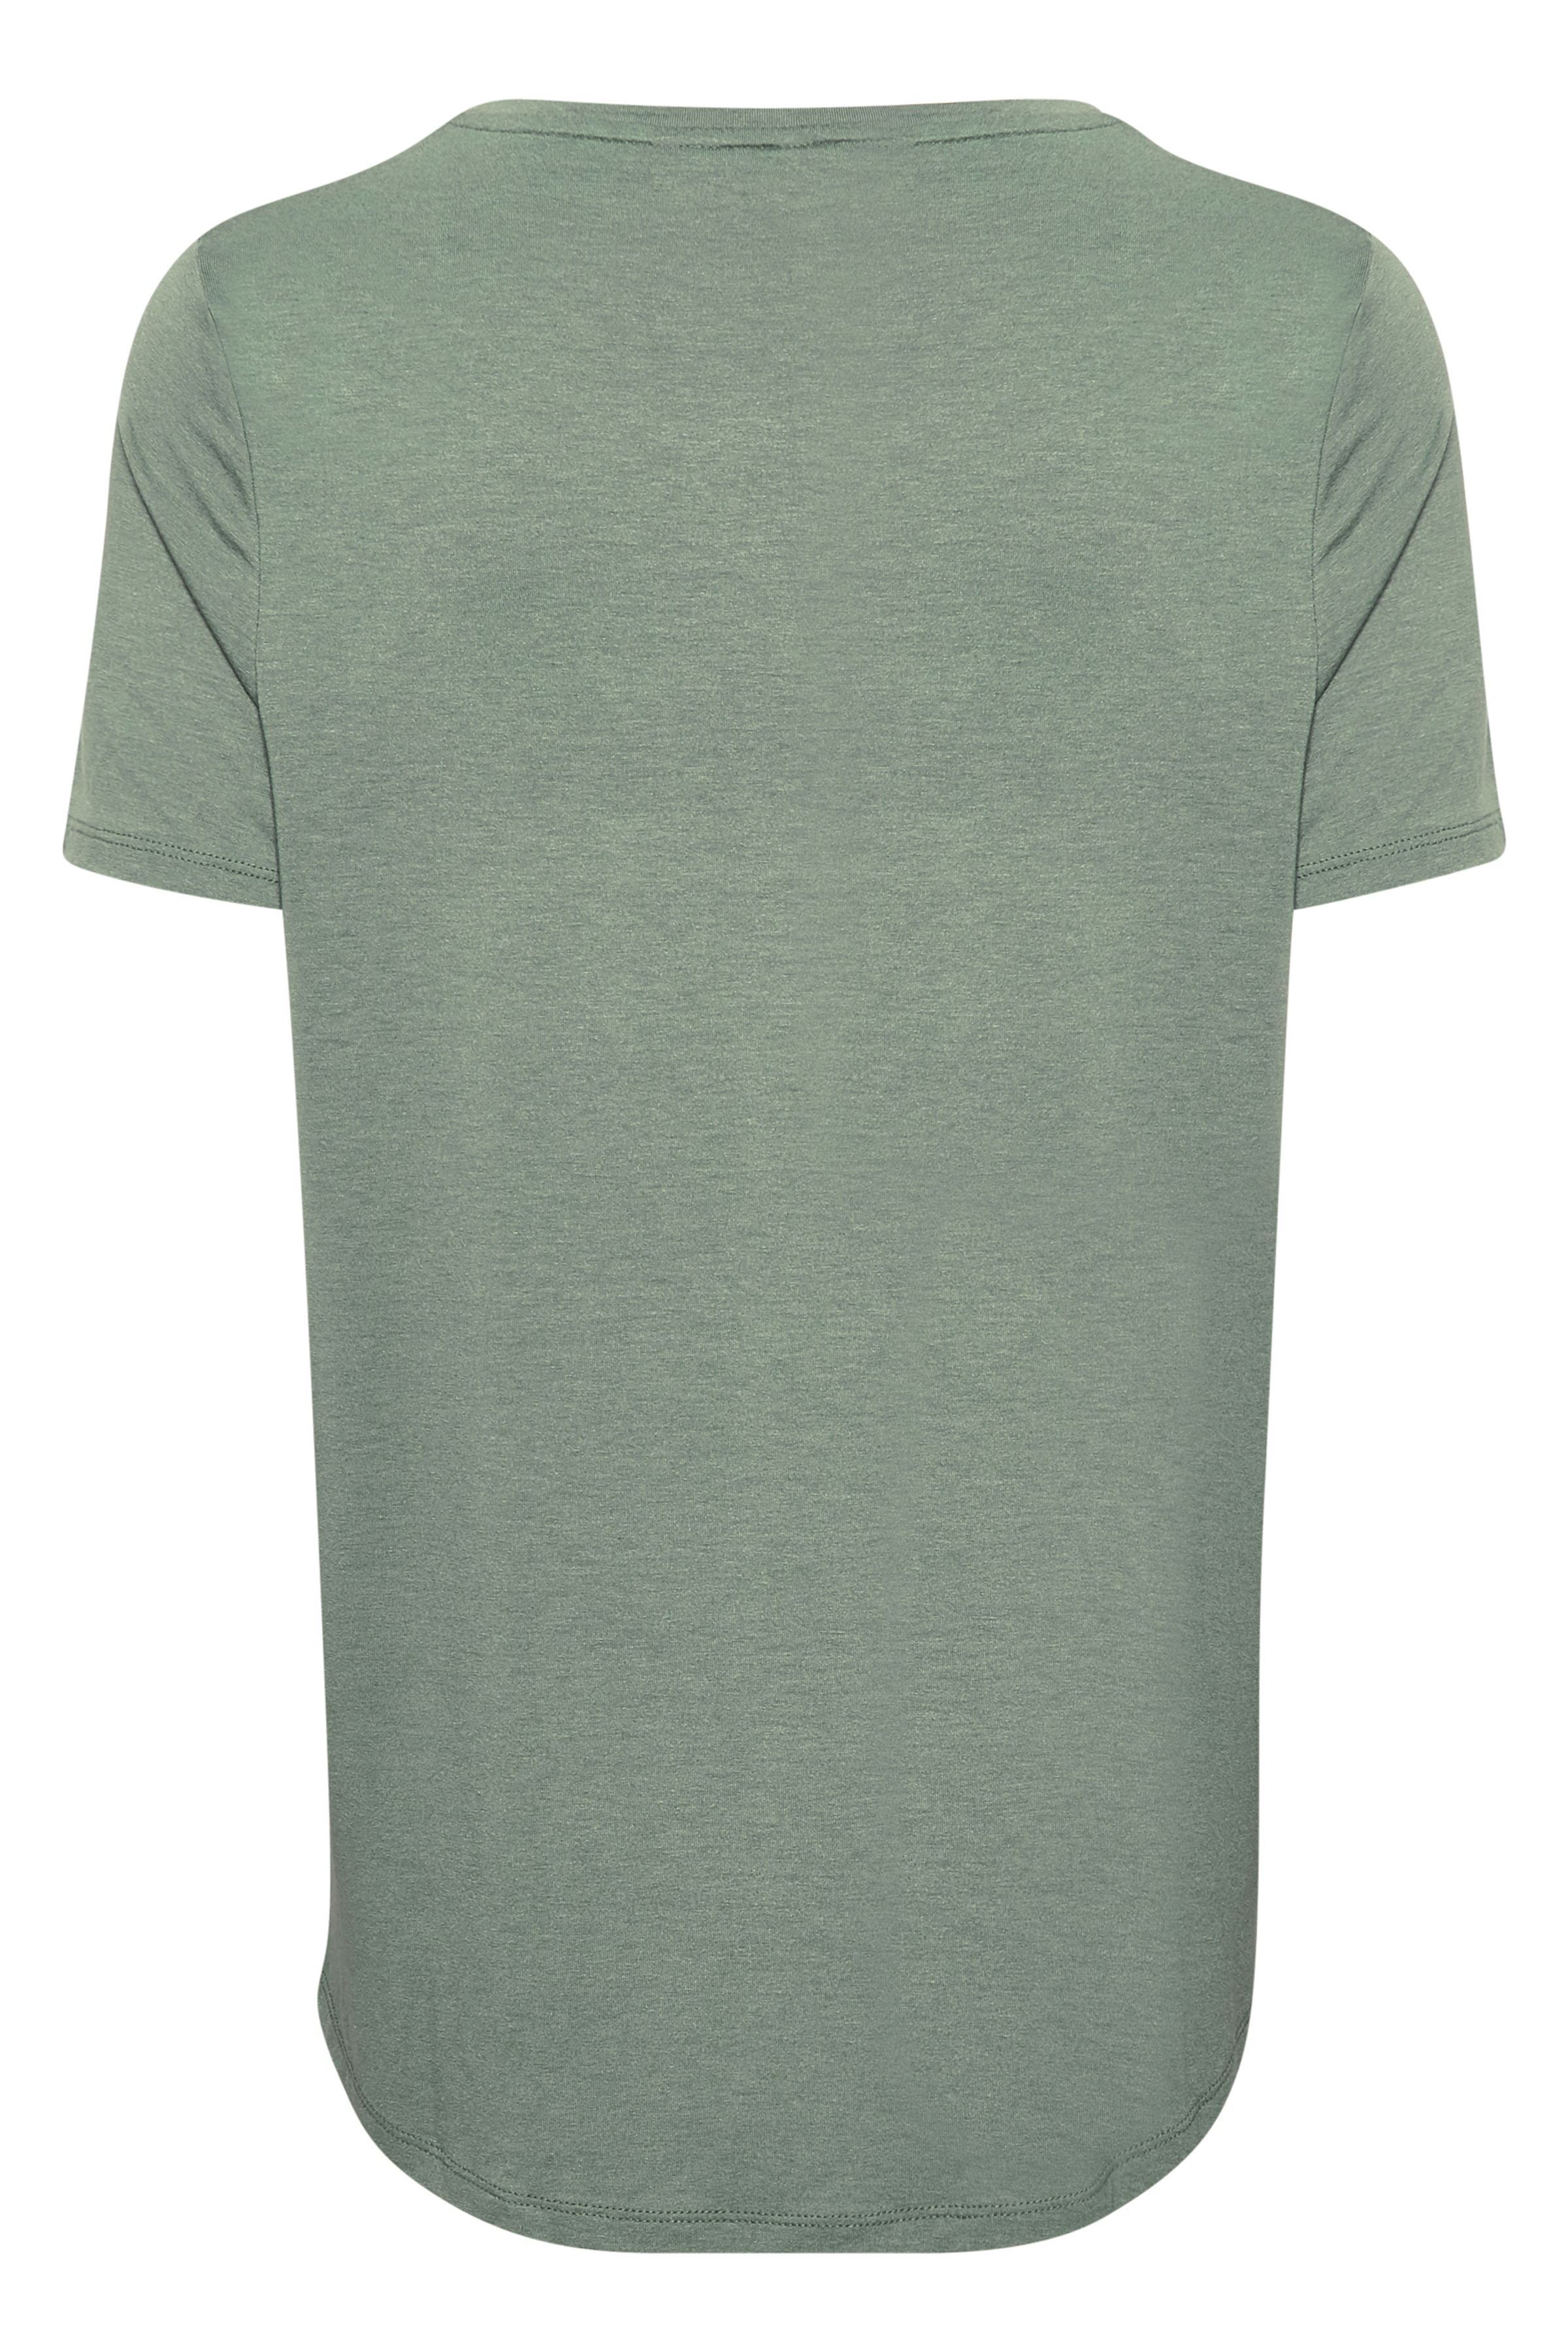 Grün Kurzarm-Shirt von Bon'A Parte – Shoppen Sie Grün Kurzarm-Shirt ab Gr. S-XXL hier